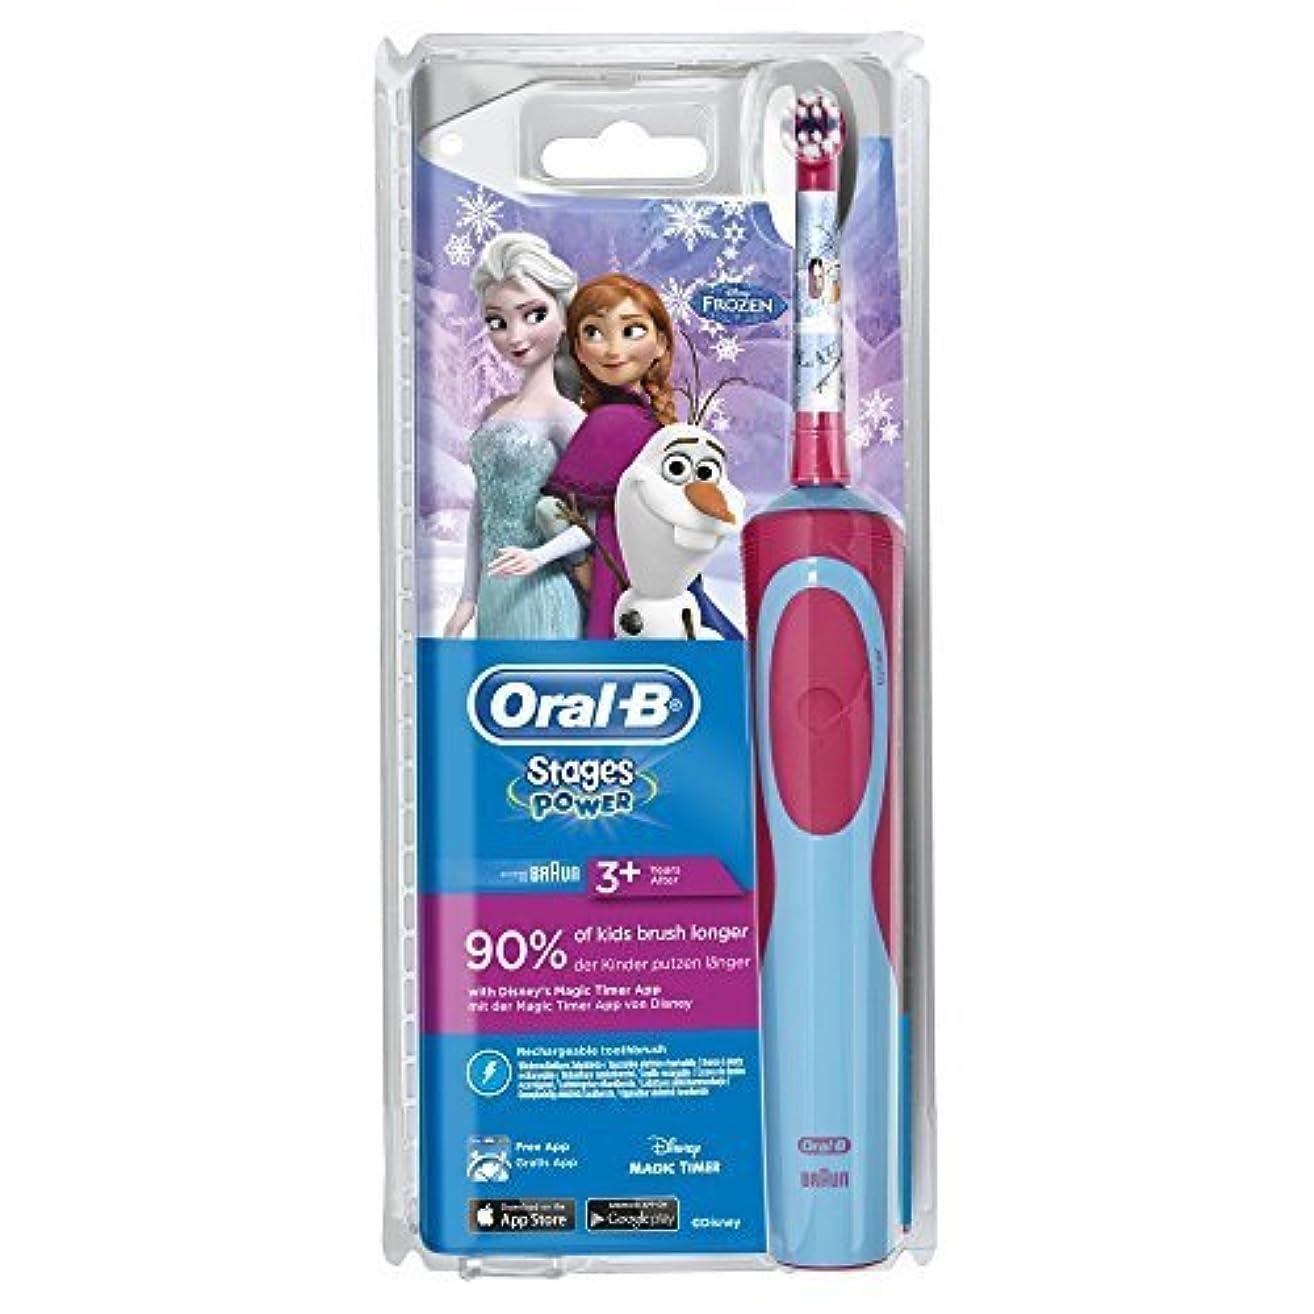 告発者考えるどこOral-B Stages Power Electric Toothbrush for Children 3 Years and + - Model : Frozen by Oral-B [並行輸入品]